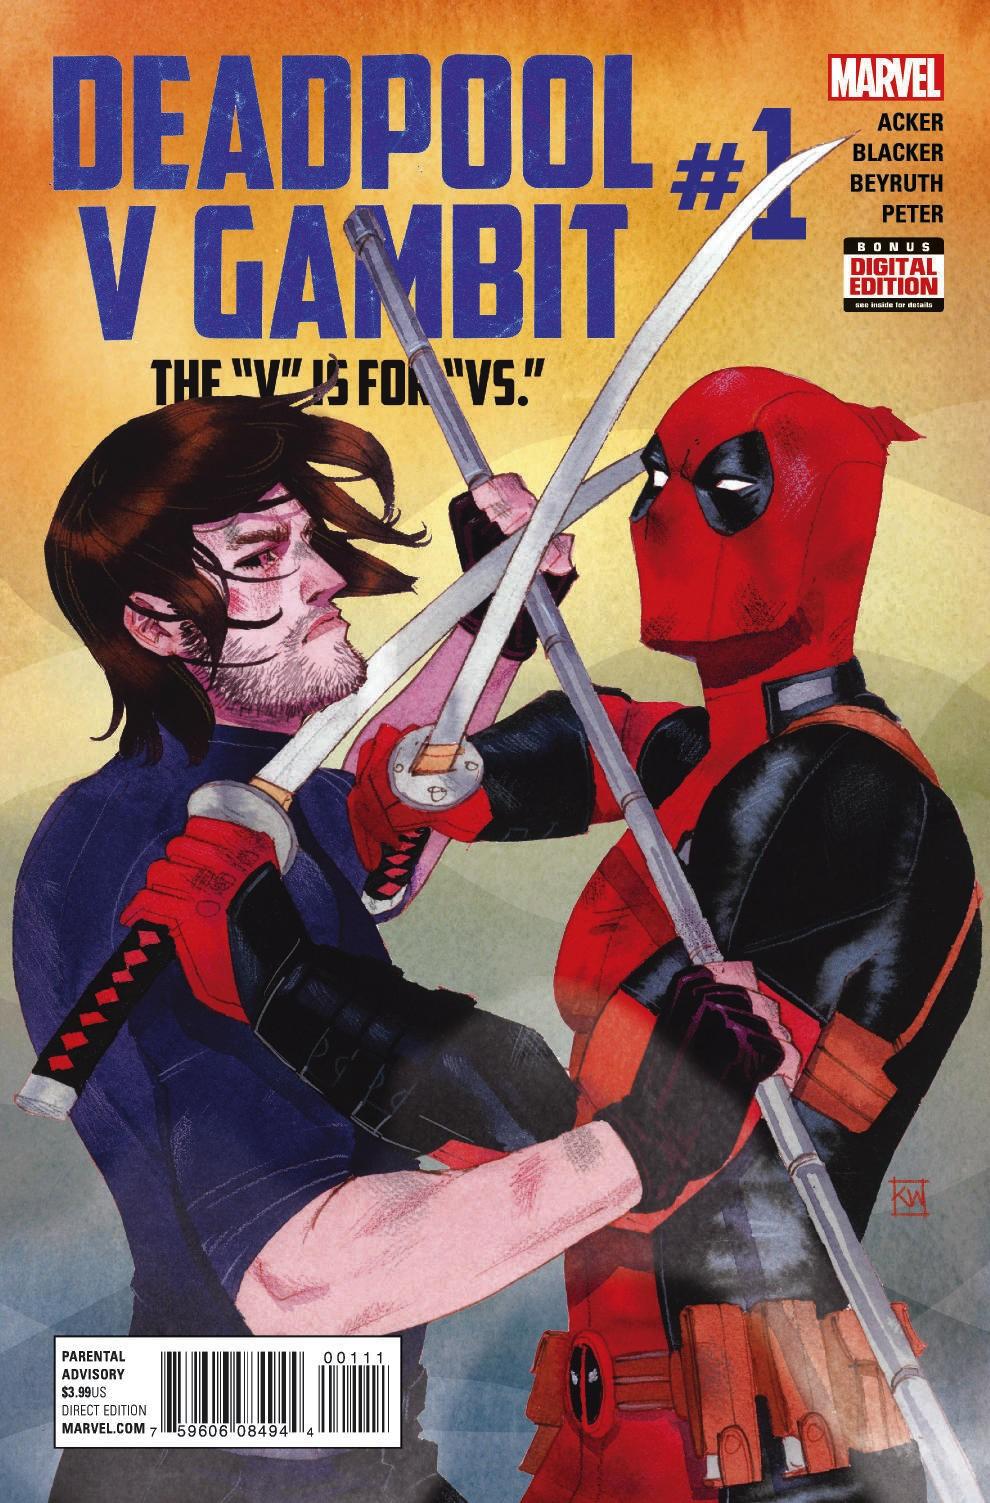 Deadpool_v_Gambit_1_Cover